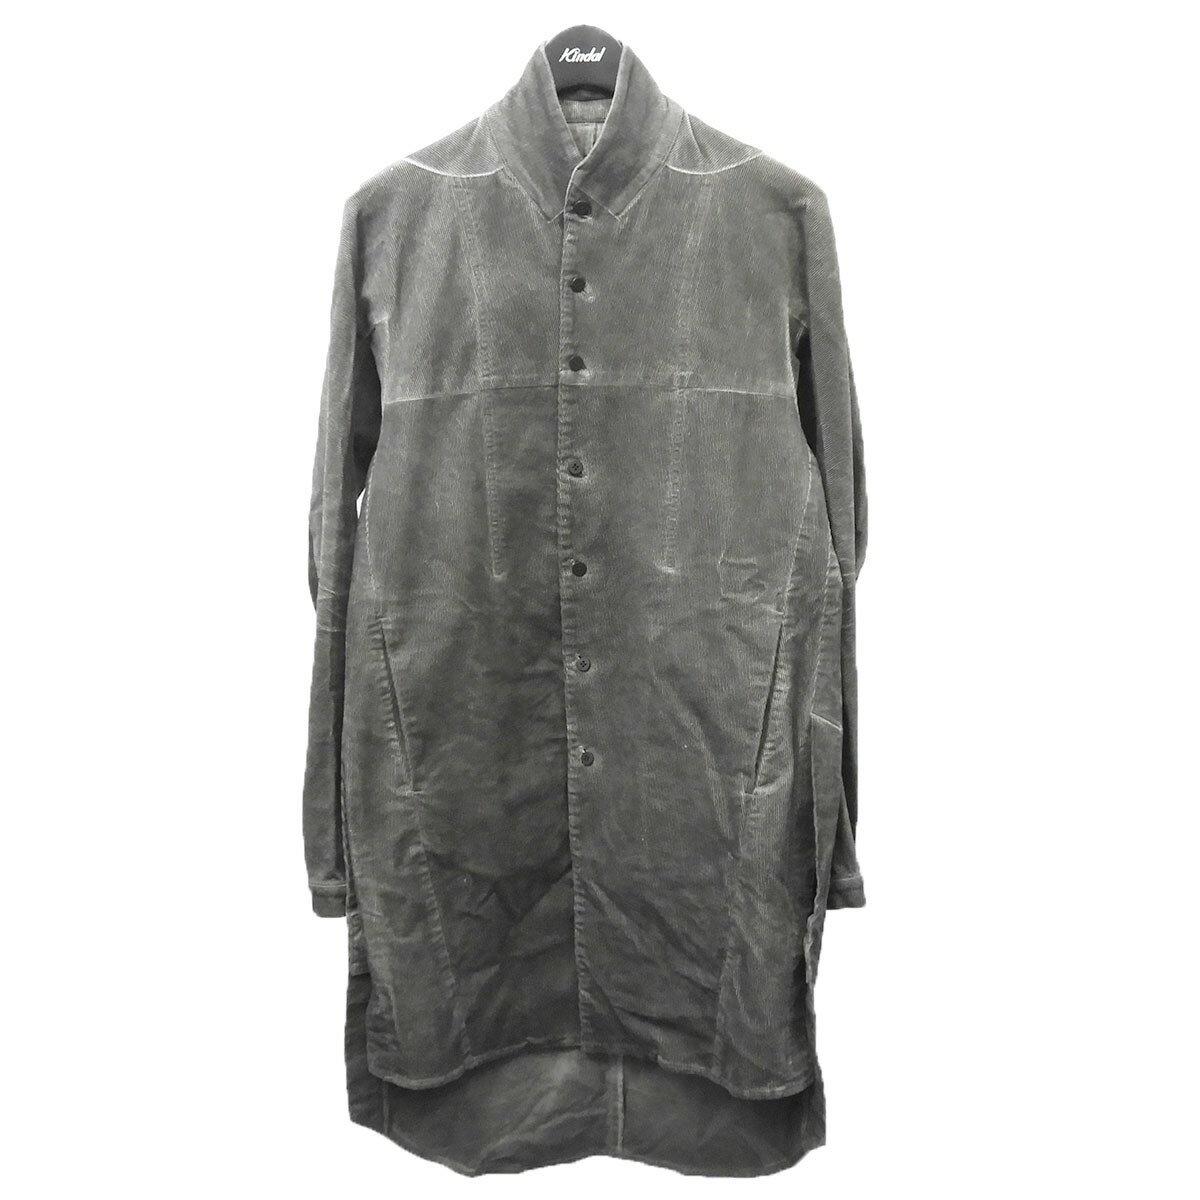 トップス, カジュアルシャツ DHYGEN 1 270921